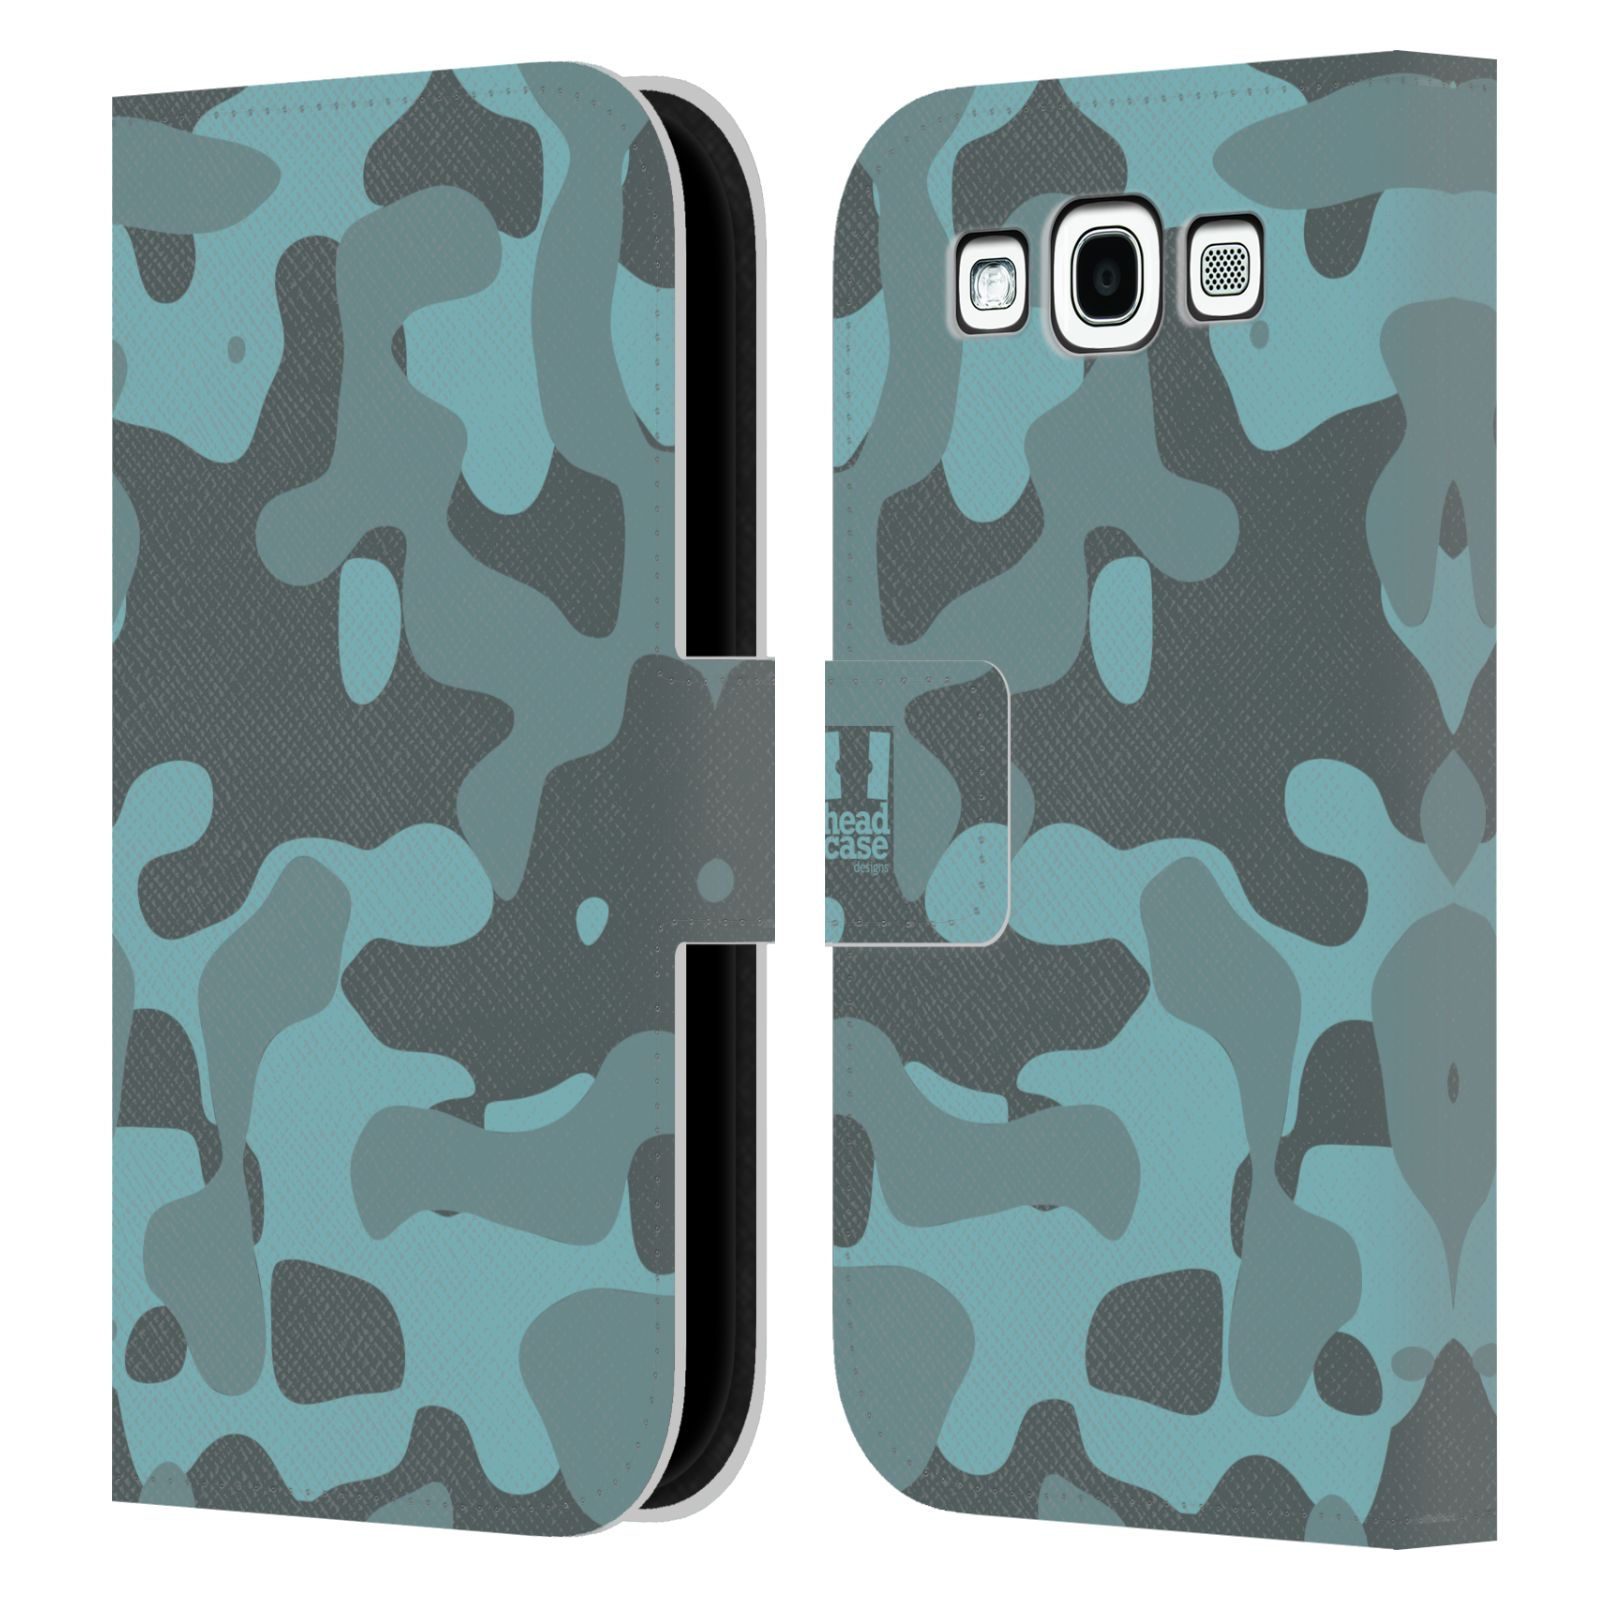 HEAD CASE Flipové pouzdro pro mobil Samsung Galaxy S3 lehká barevná kamufláž modrá